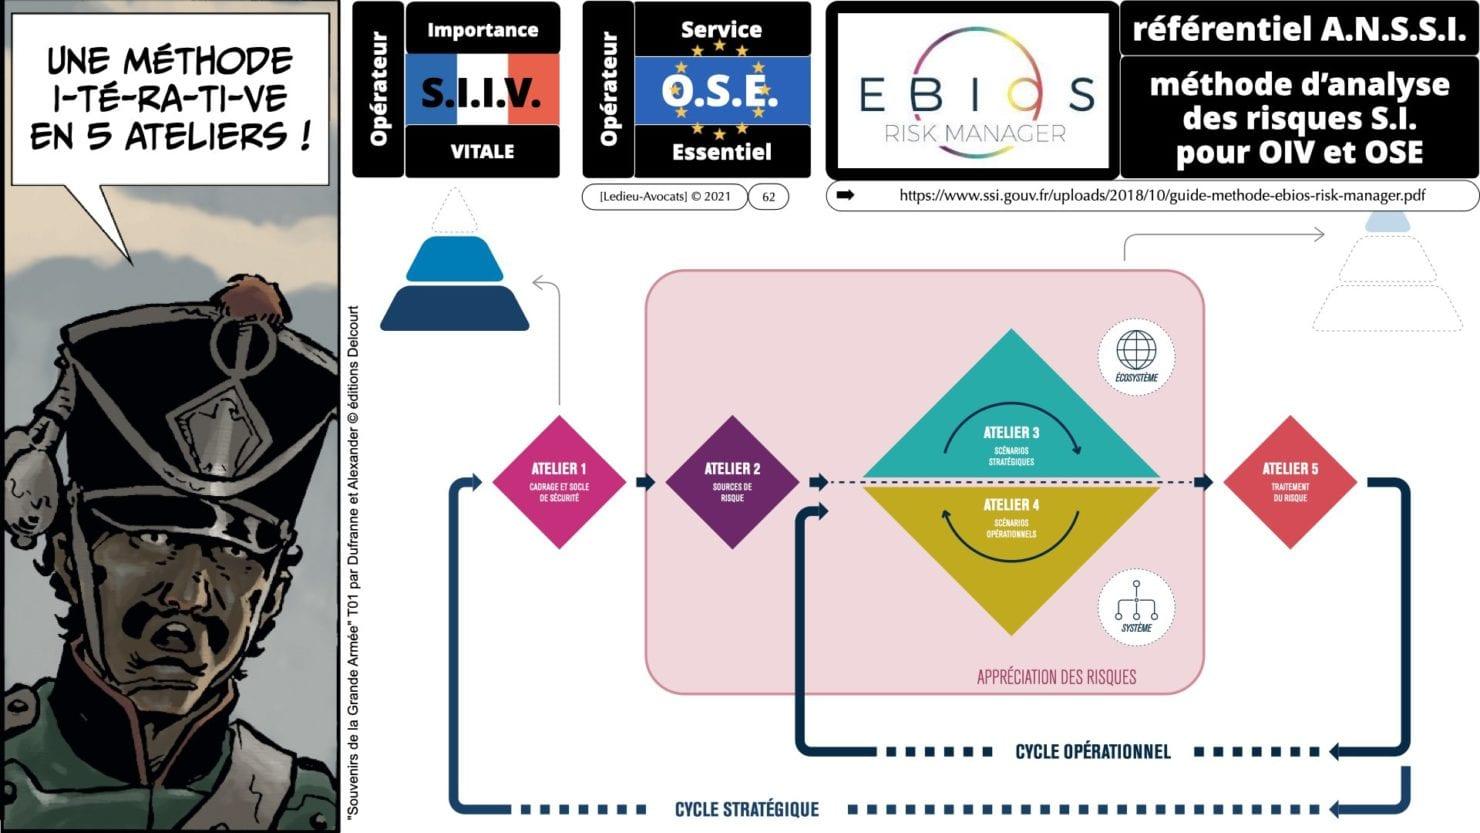 342 cyber sécurité #2 OIV OSE analyse risque EBIOS RM © Ledieu-avocat 15-07-2021.062